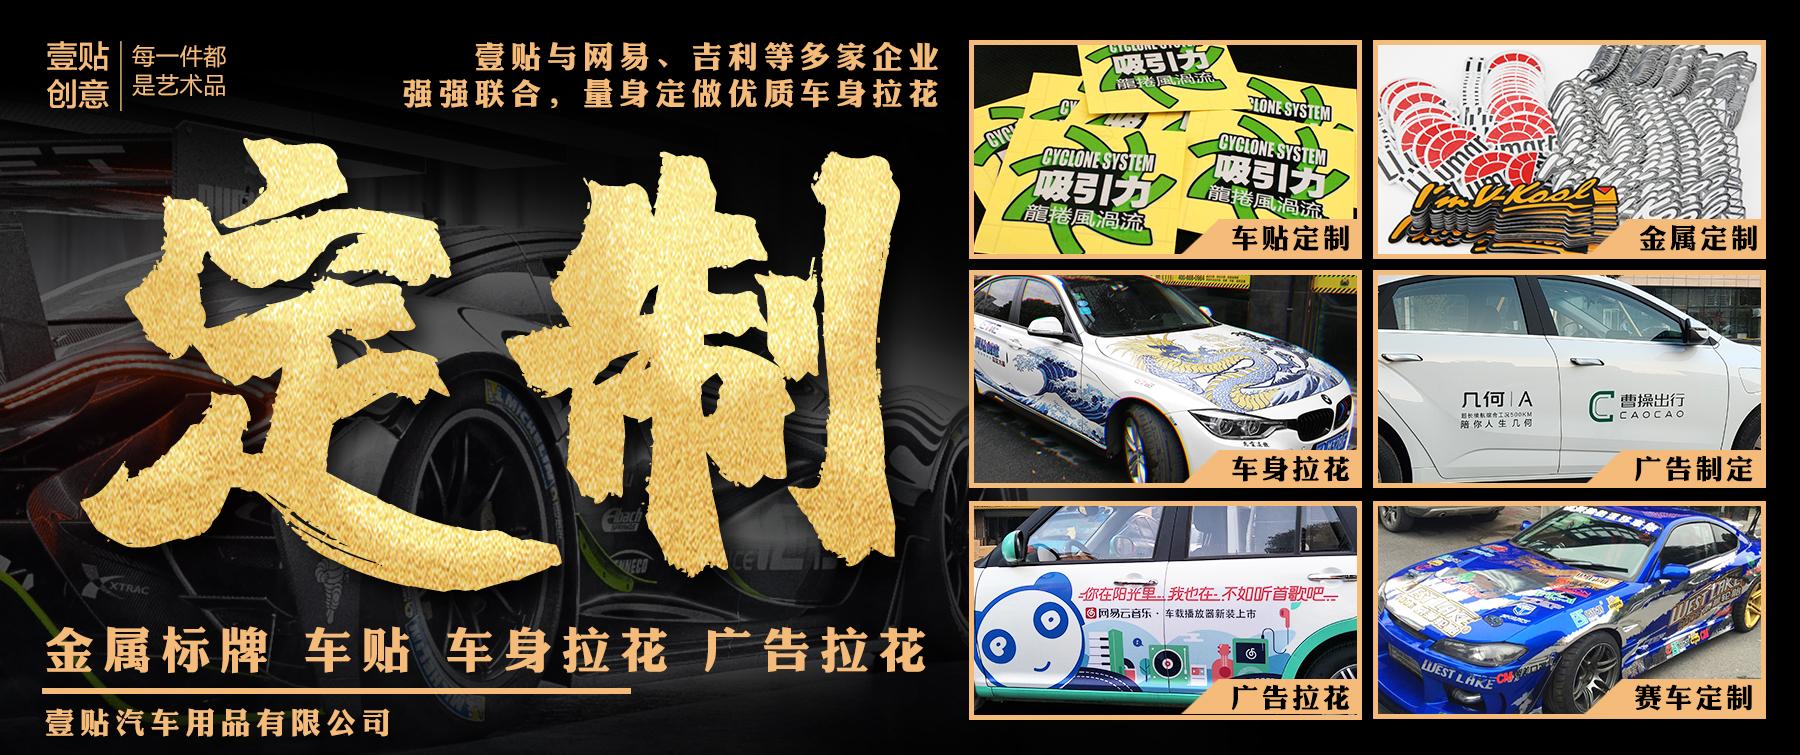 杭州壹贴汽车用品有限公司